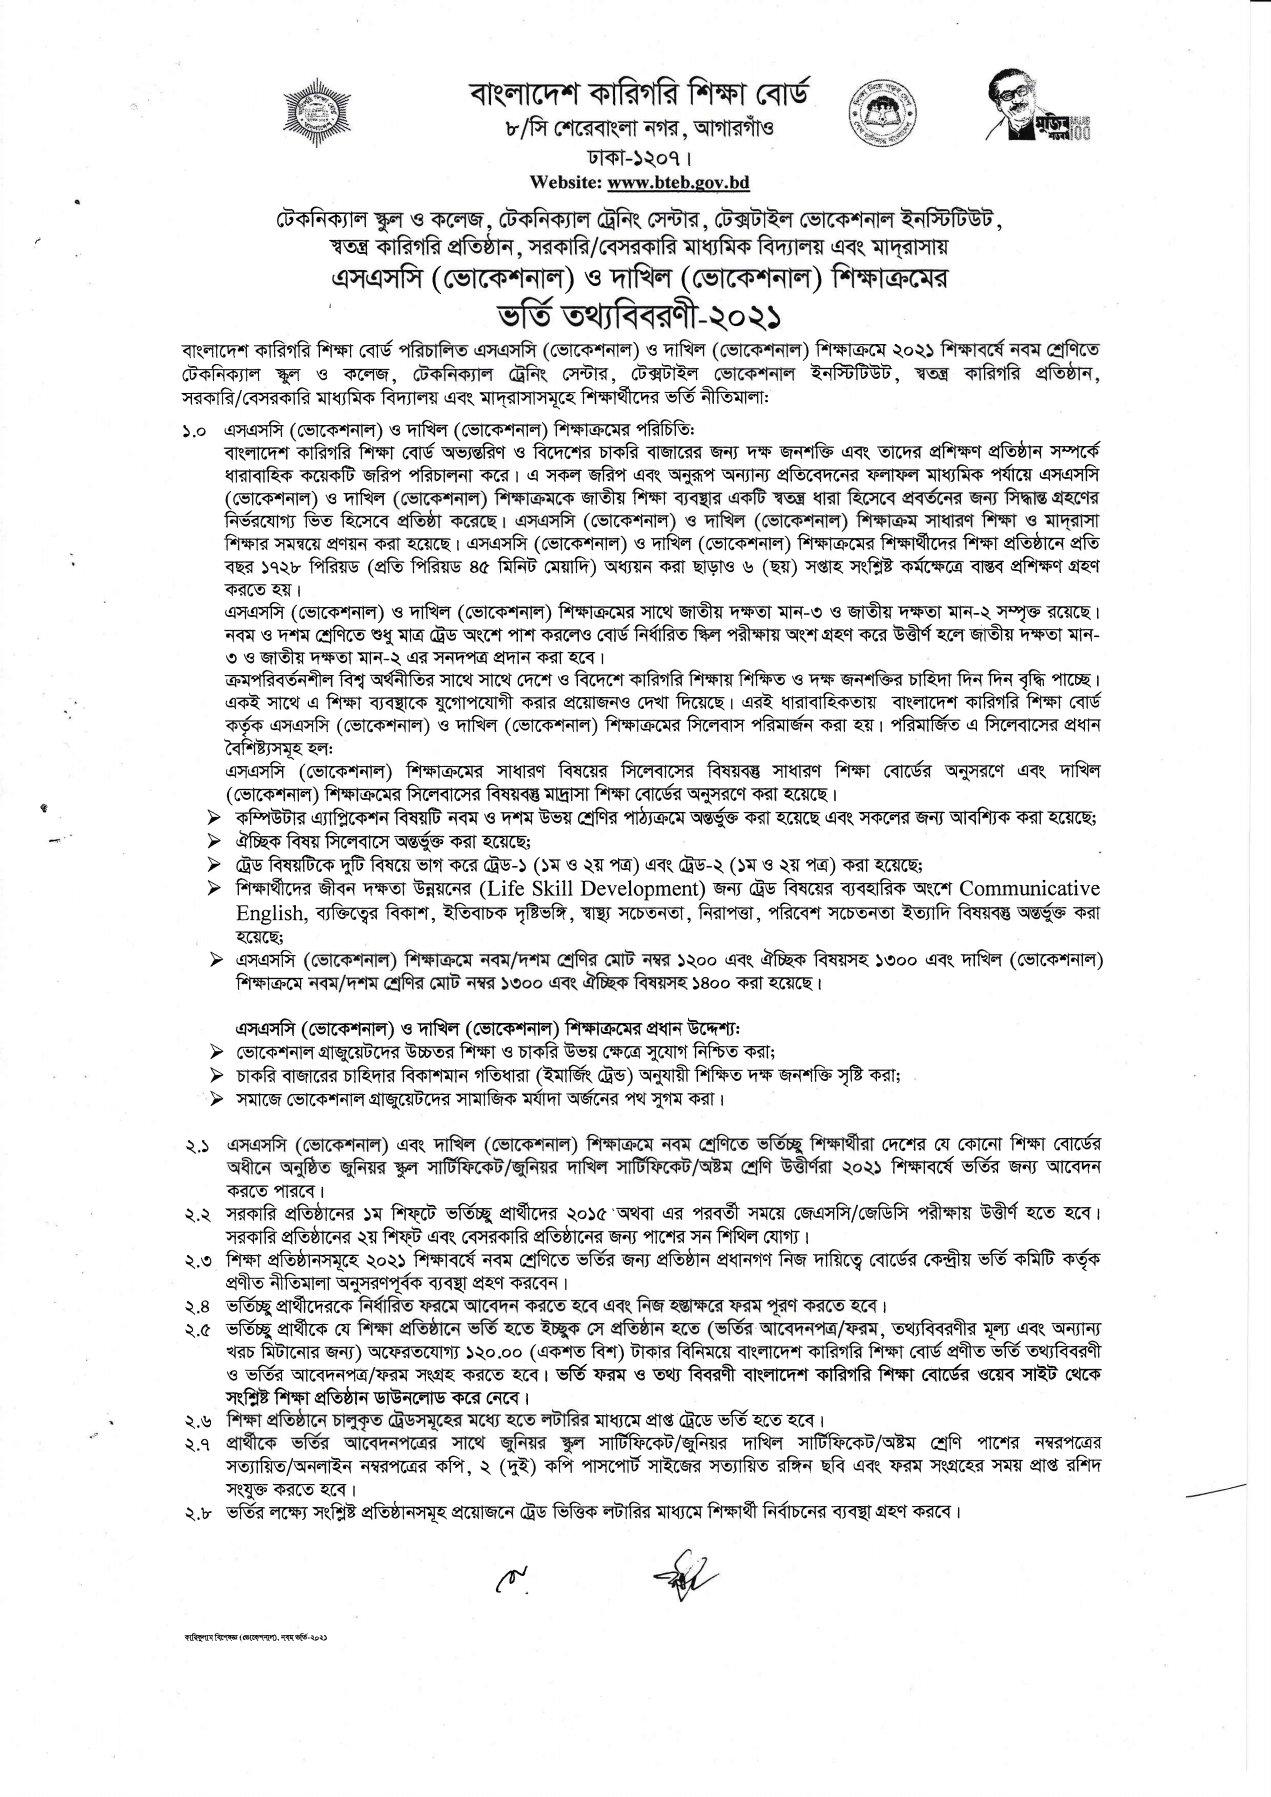 এসএসসি / দাখিল (ভোকেশনাল) ভর্তি তথ্য বিবরণী ২০২১